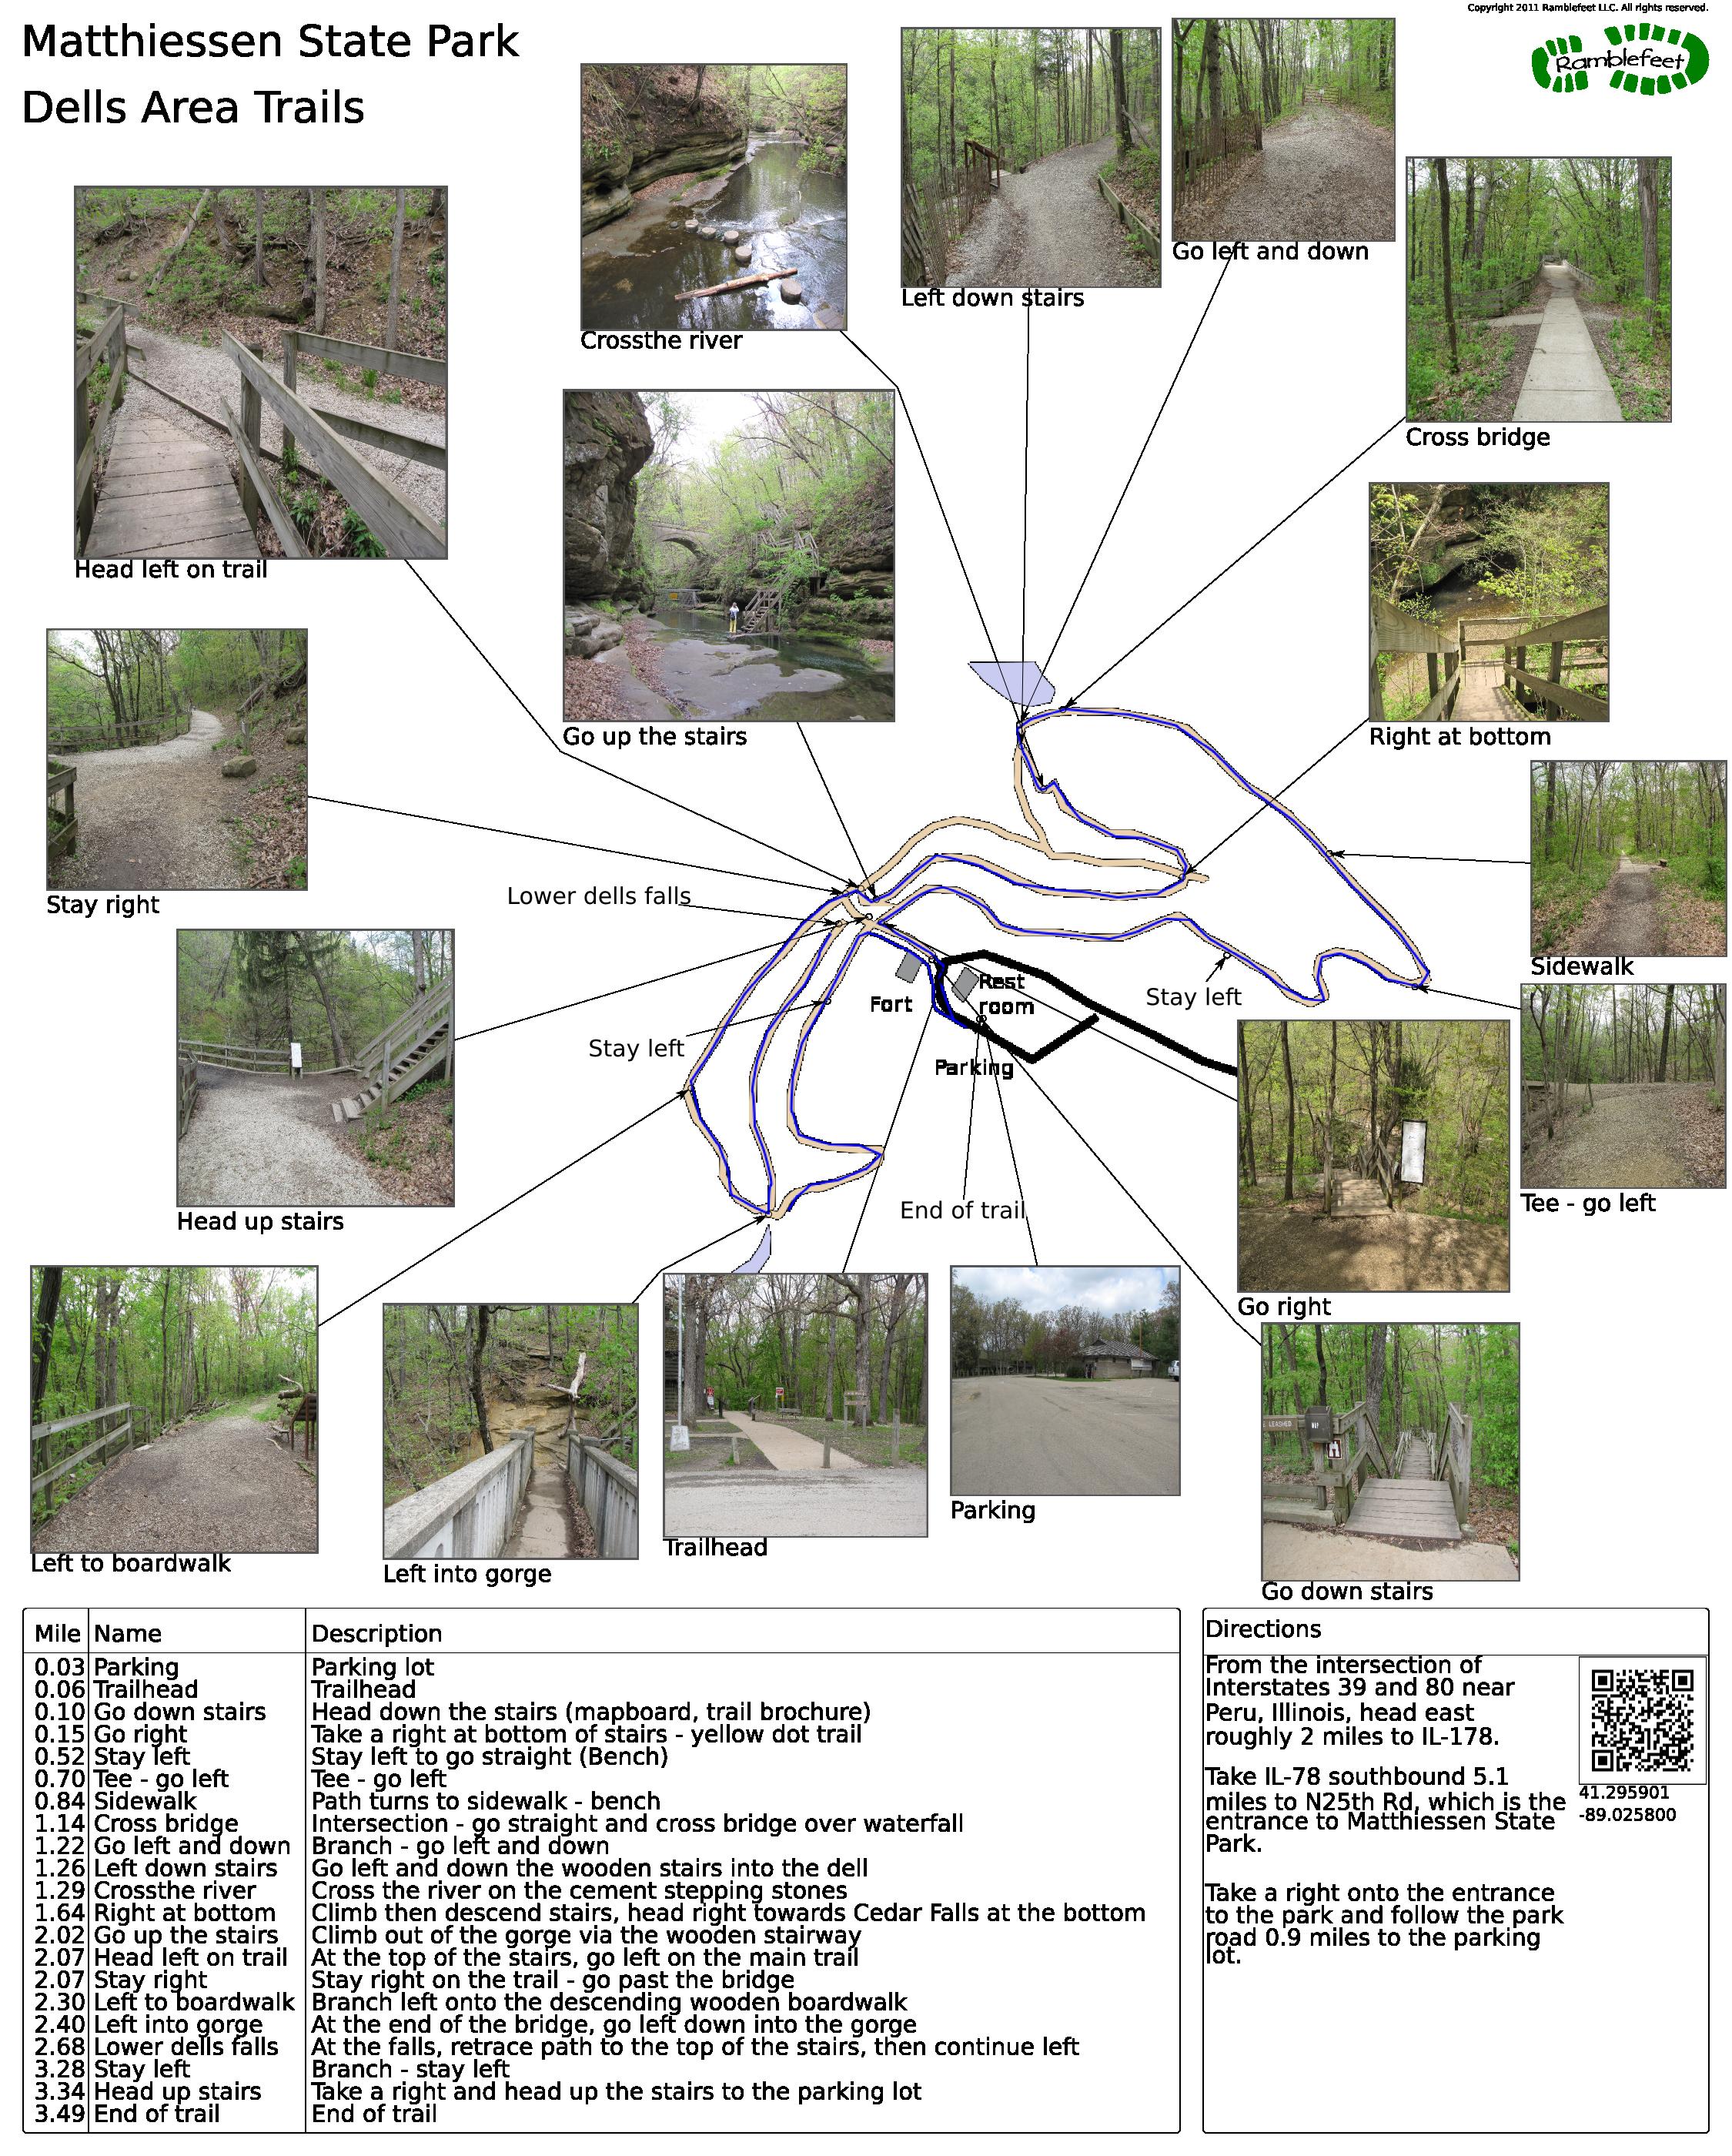 Matthiessen State Park Trail Map : matthiessen, state, trail, Matthiessen, State, Park,, Dells, Trails, Parks,, Trails,, Places